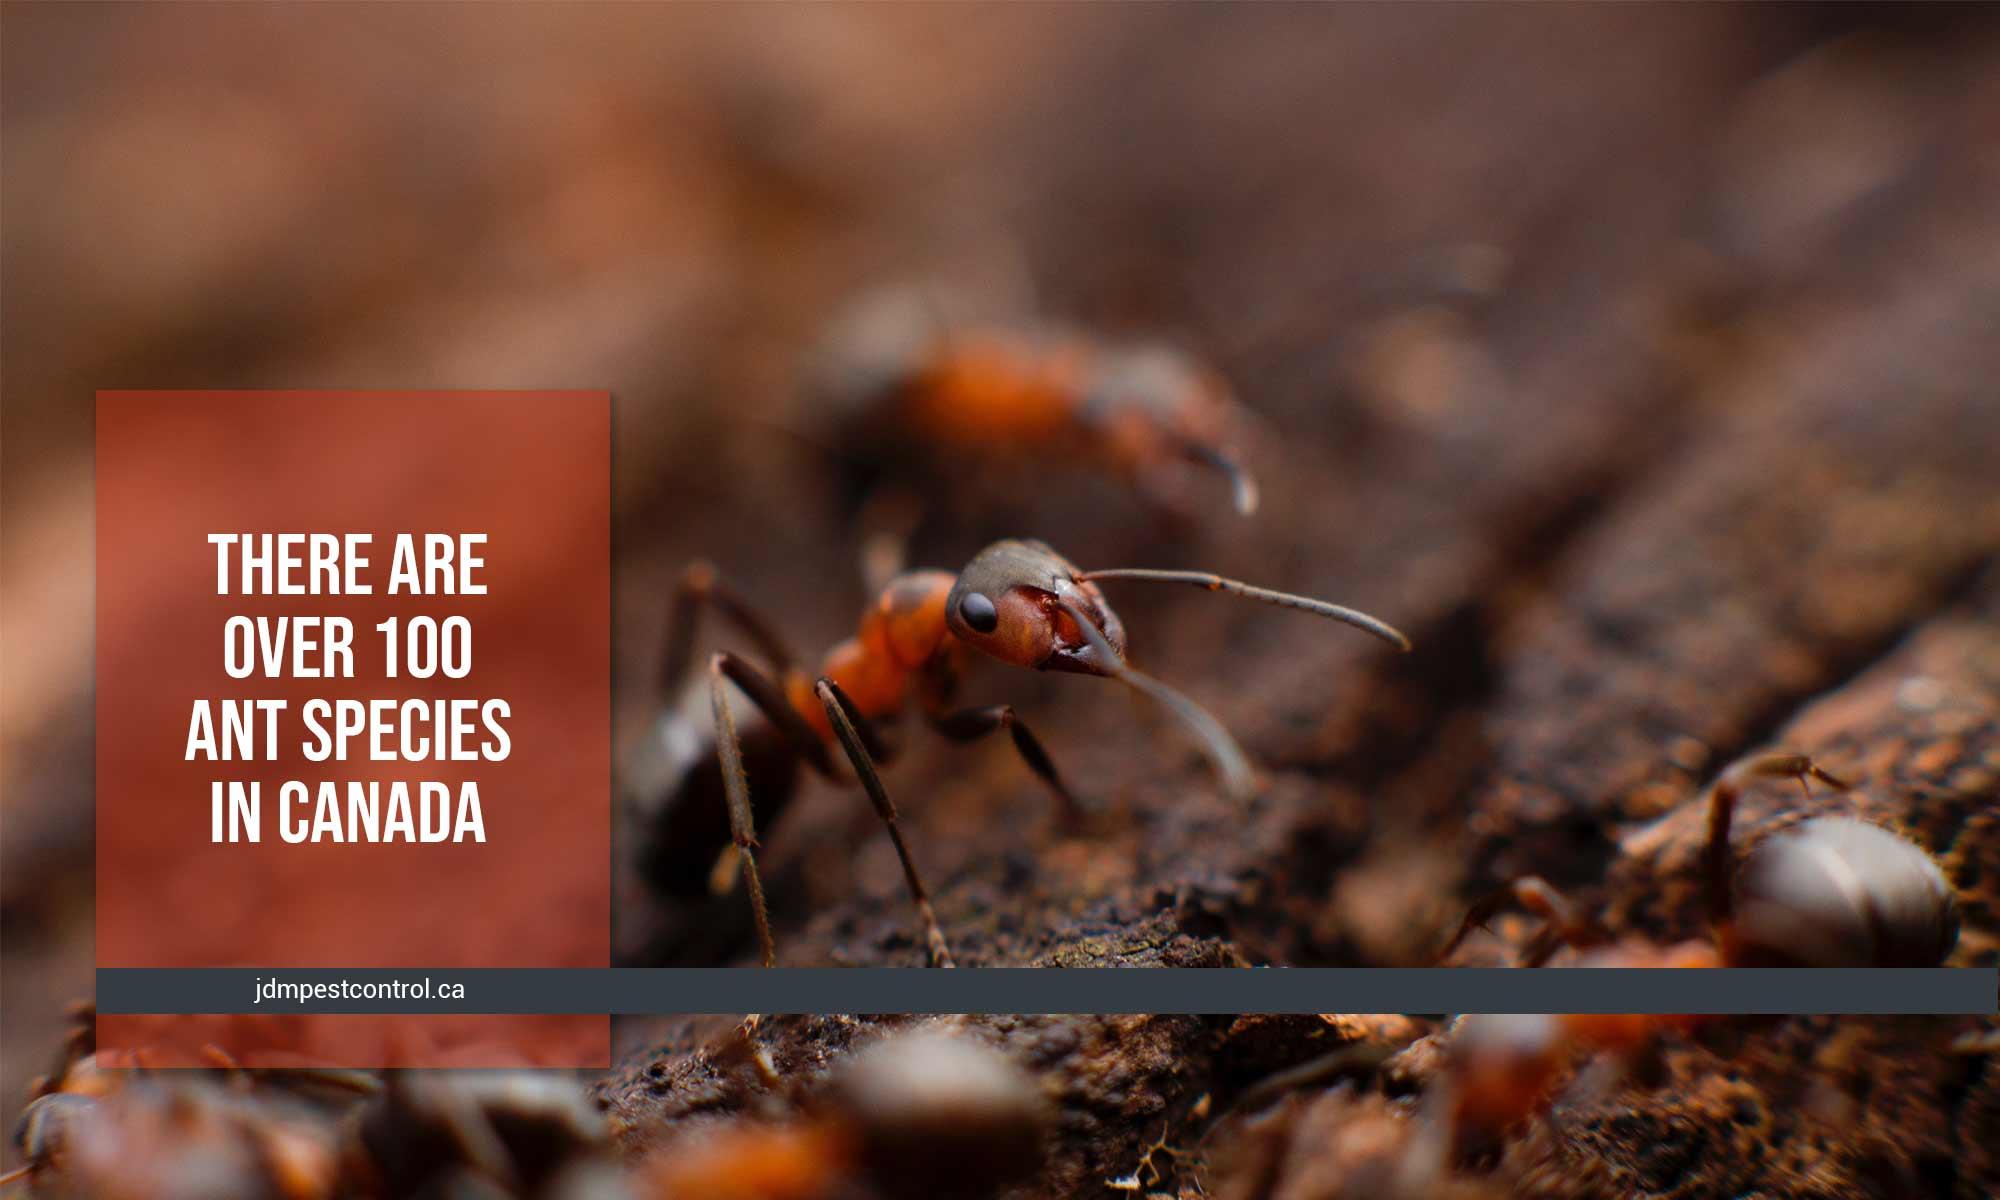 100 ant species